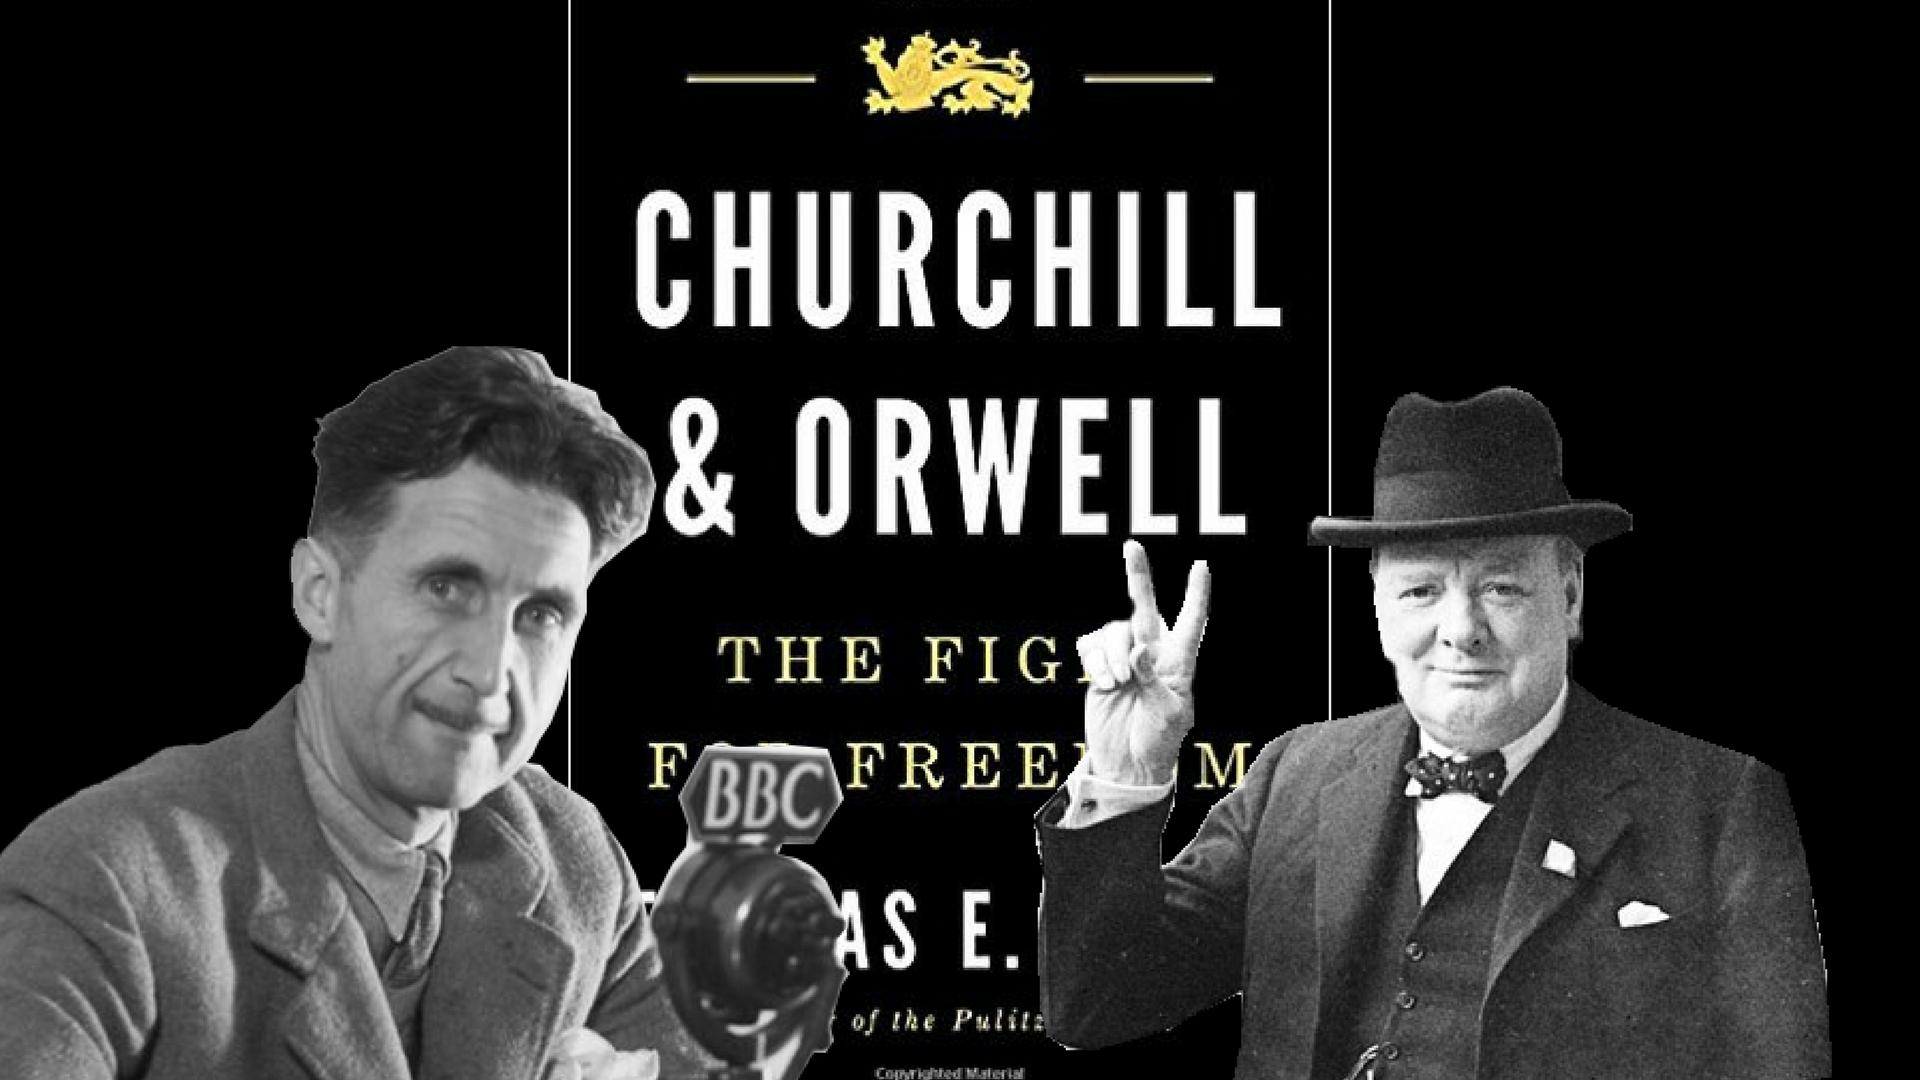 Il conservatore Churchill e il laburista Orwell uniti nelle libertà